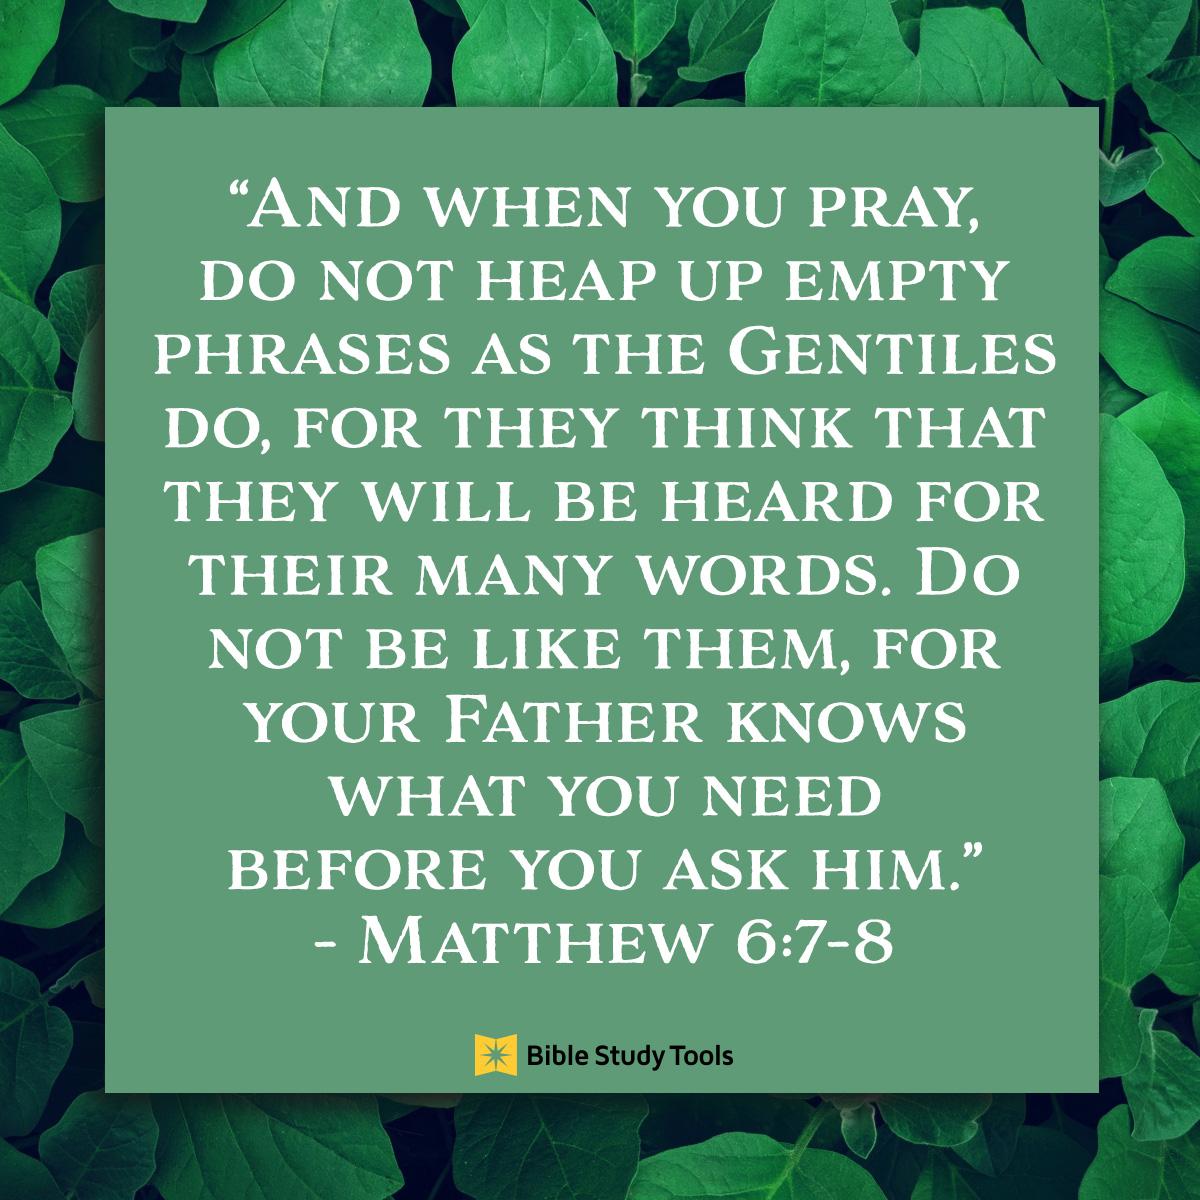 Matthew 6:7-8 sq